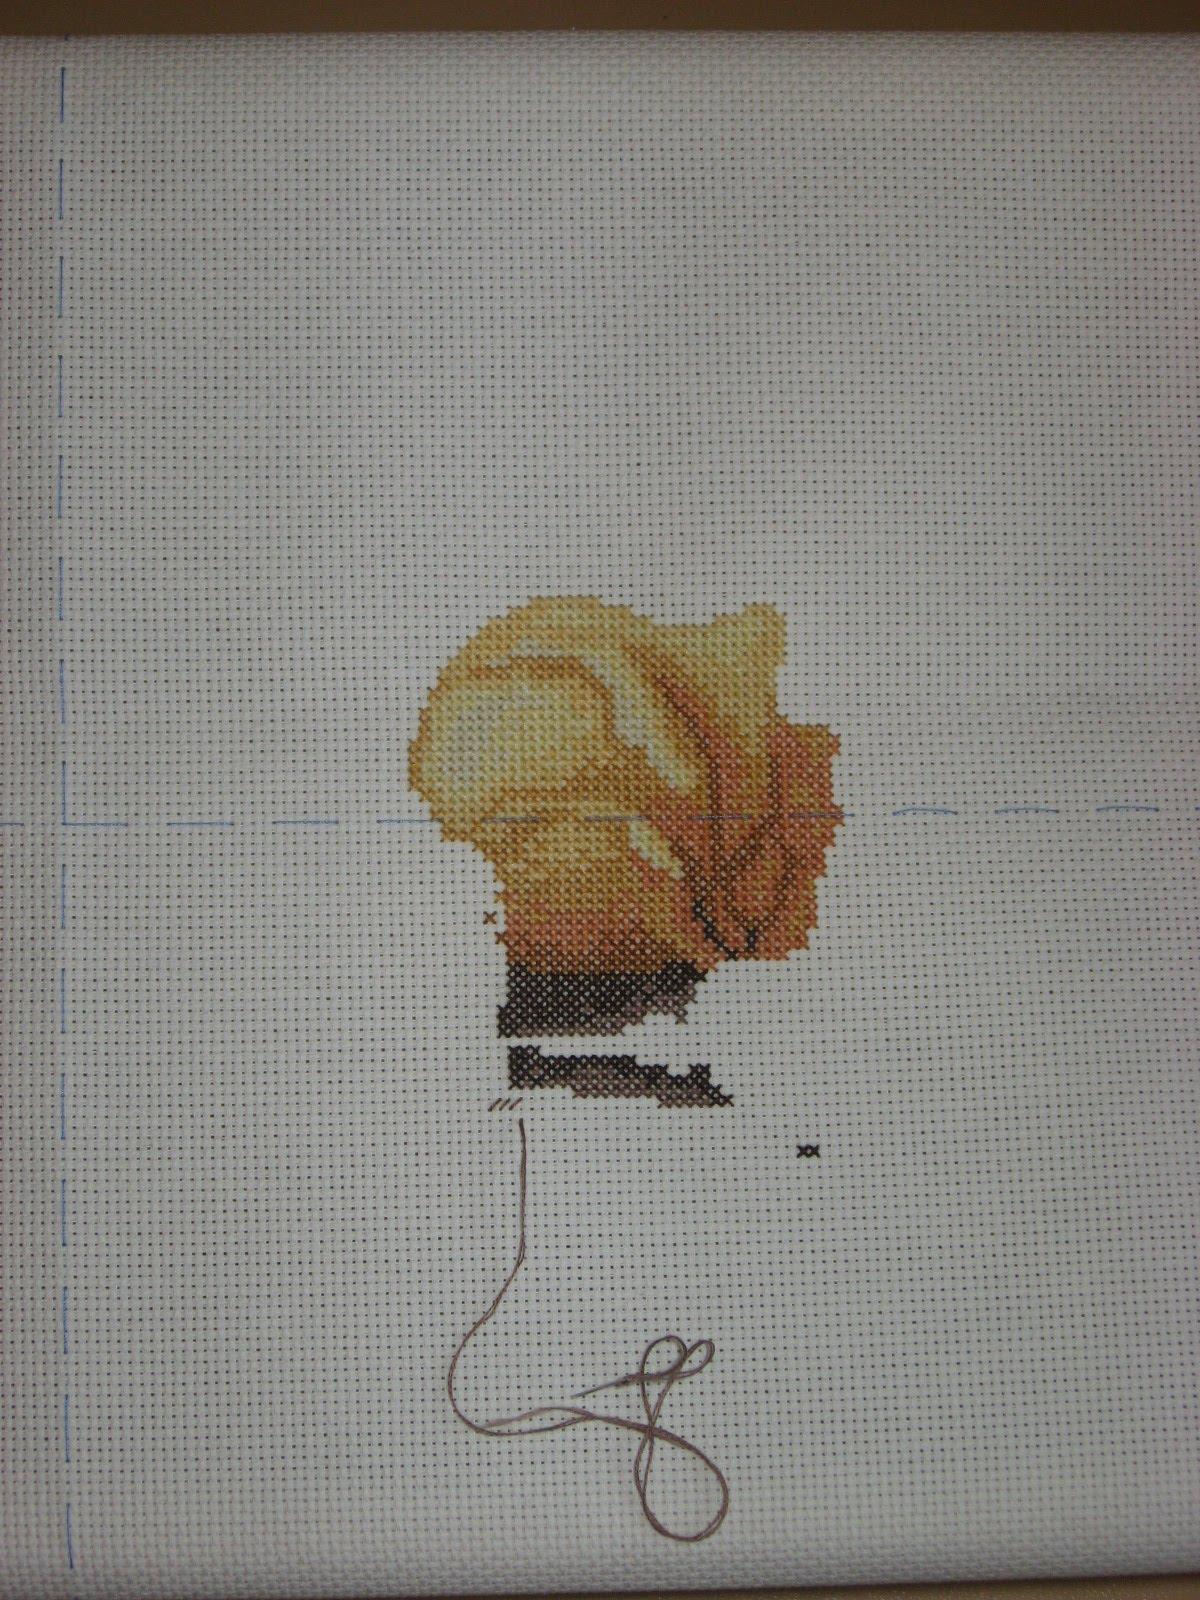 Вышивка душа розы от дименшенс